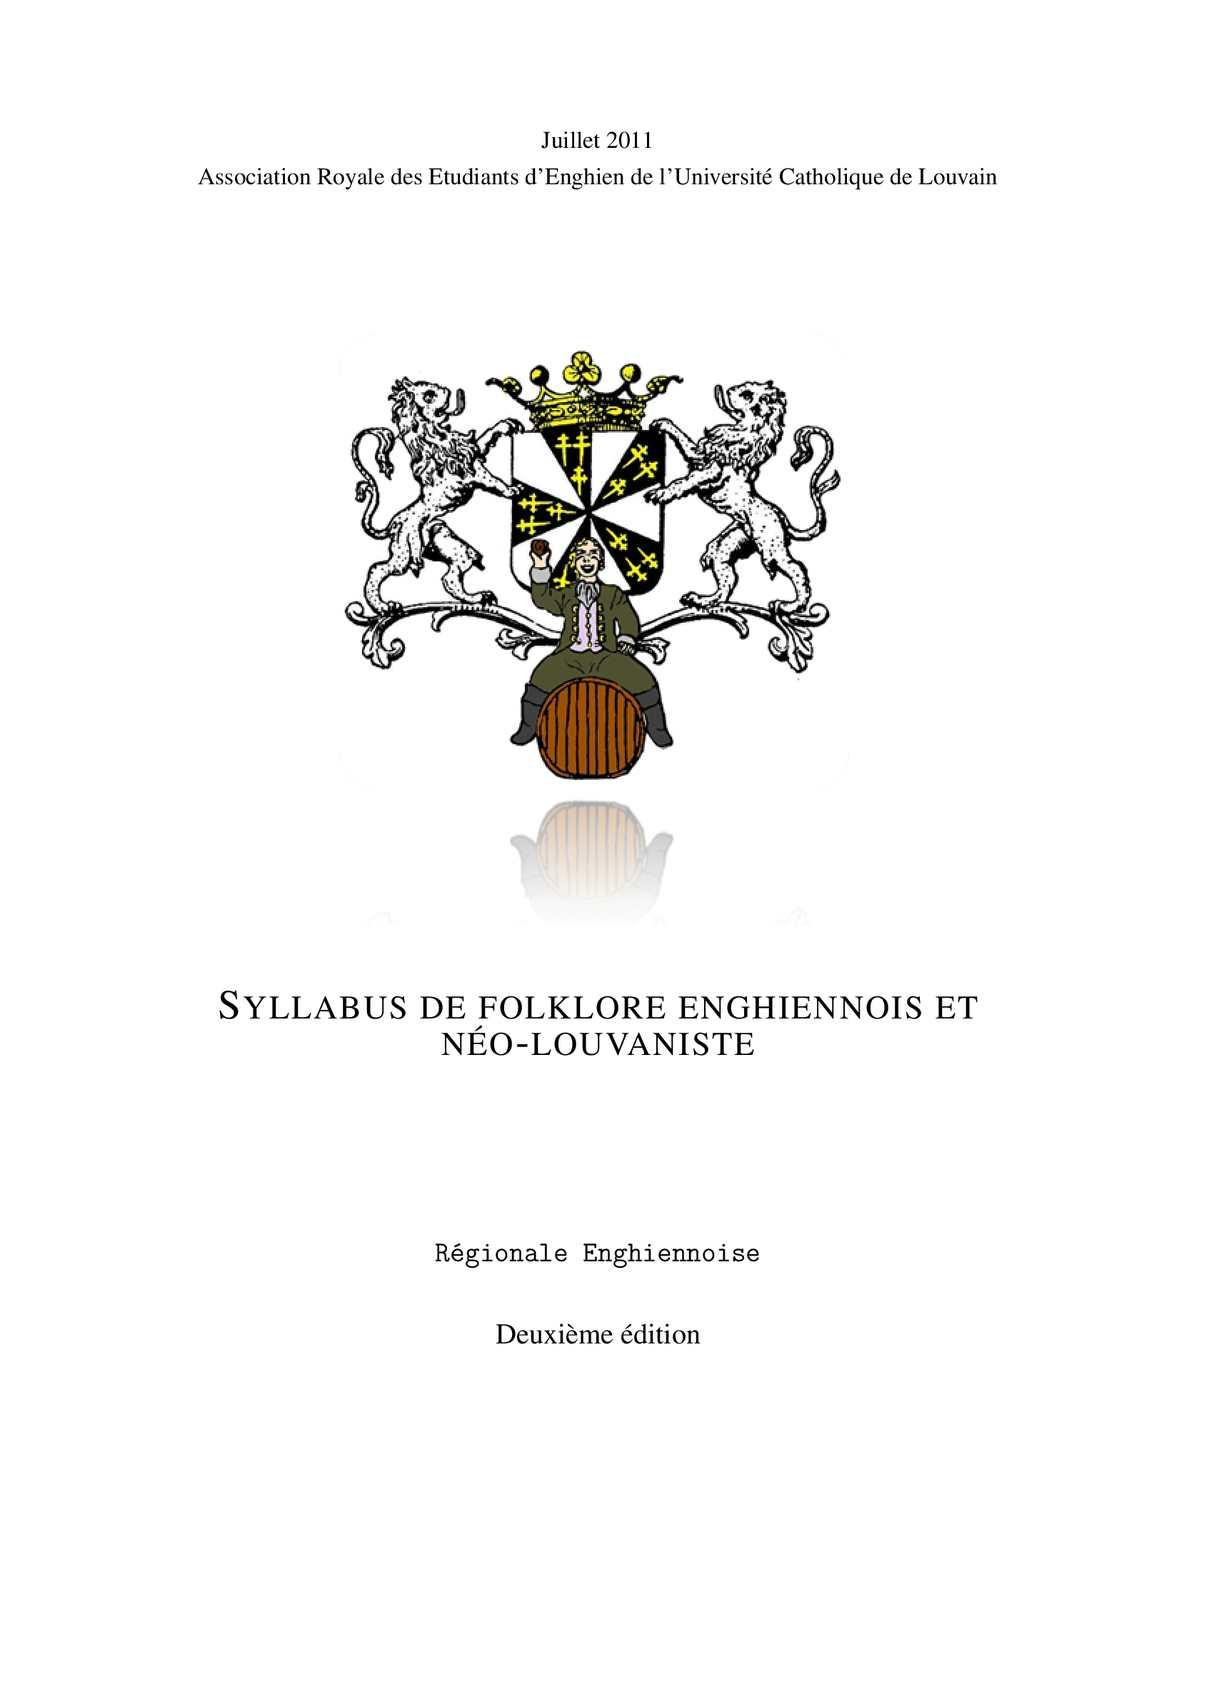 Syllabus de Folklore Enghiennois et Néo-Louvaniste